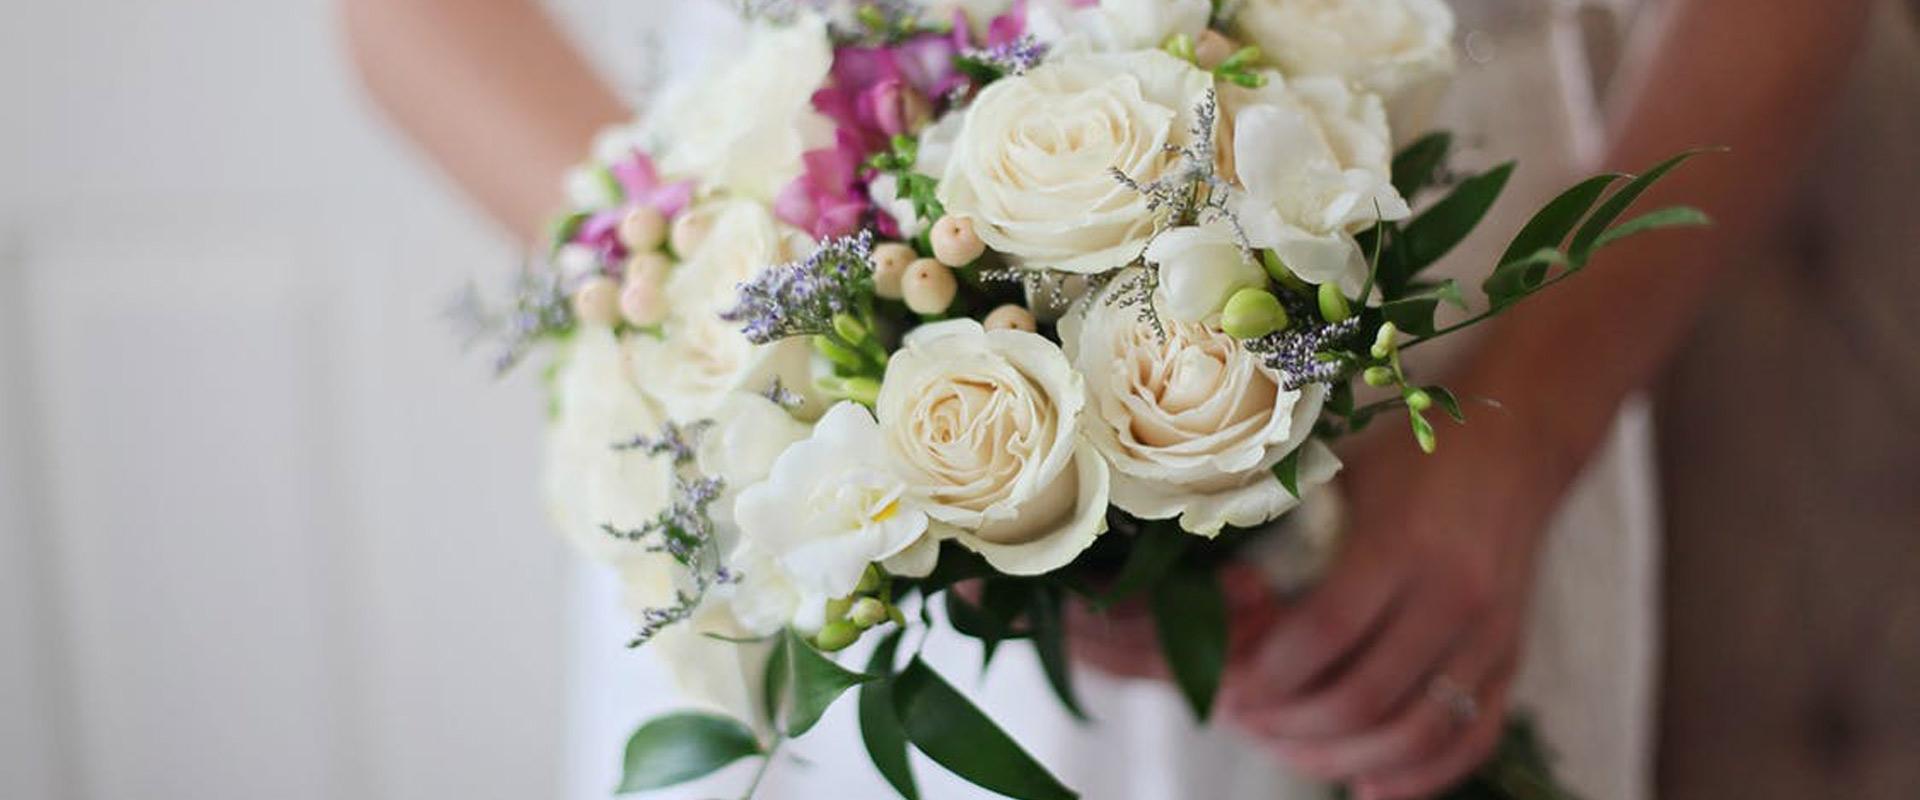 floral-designer